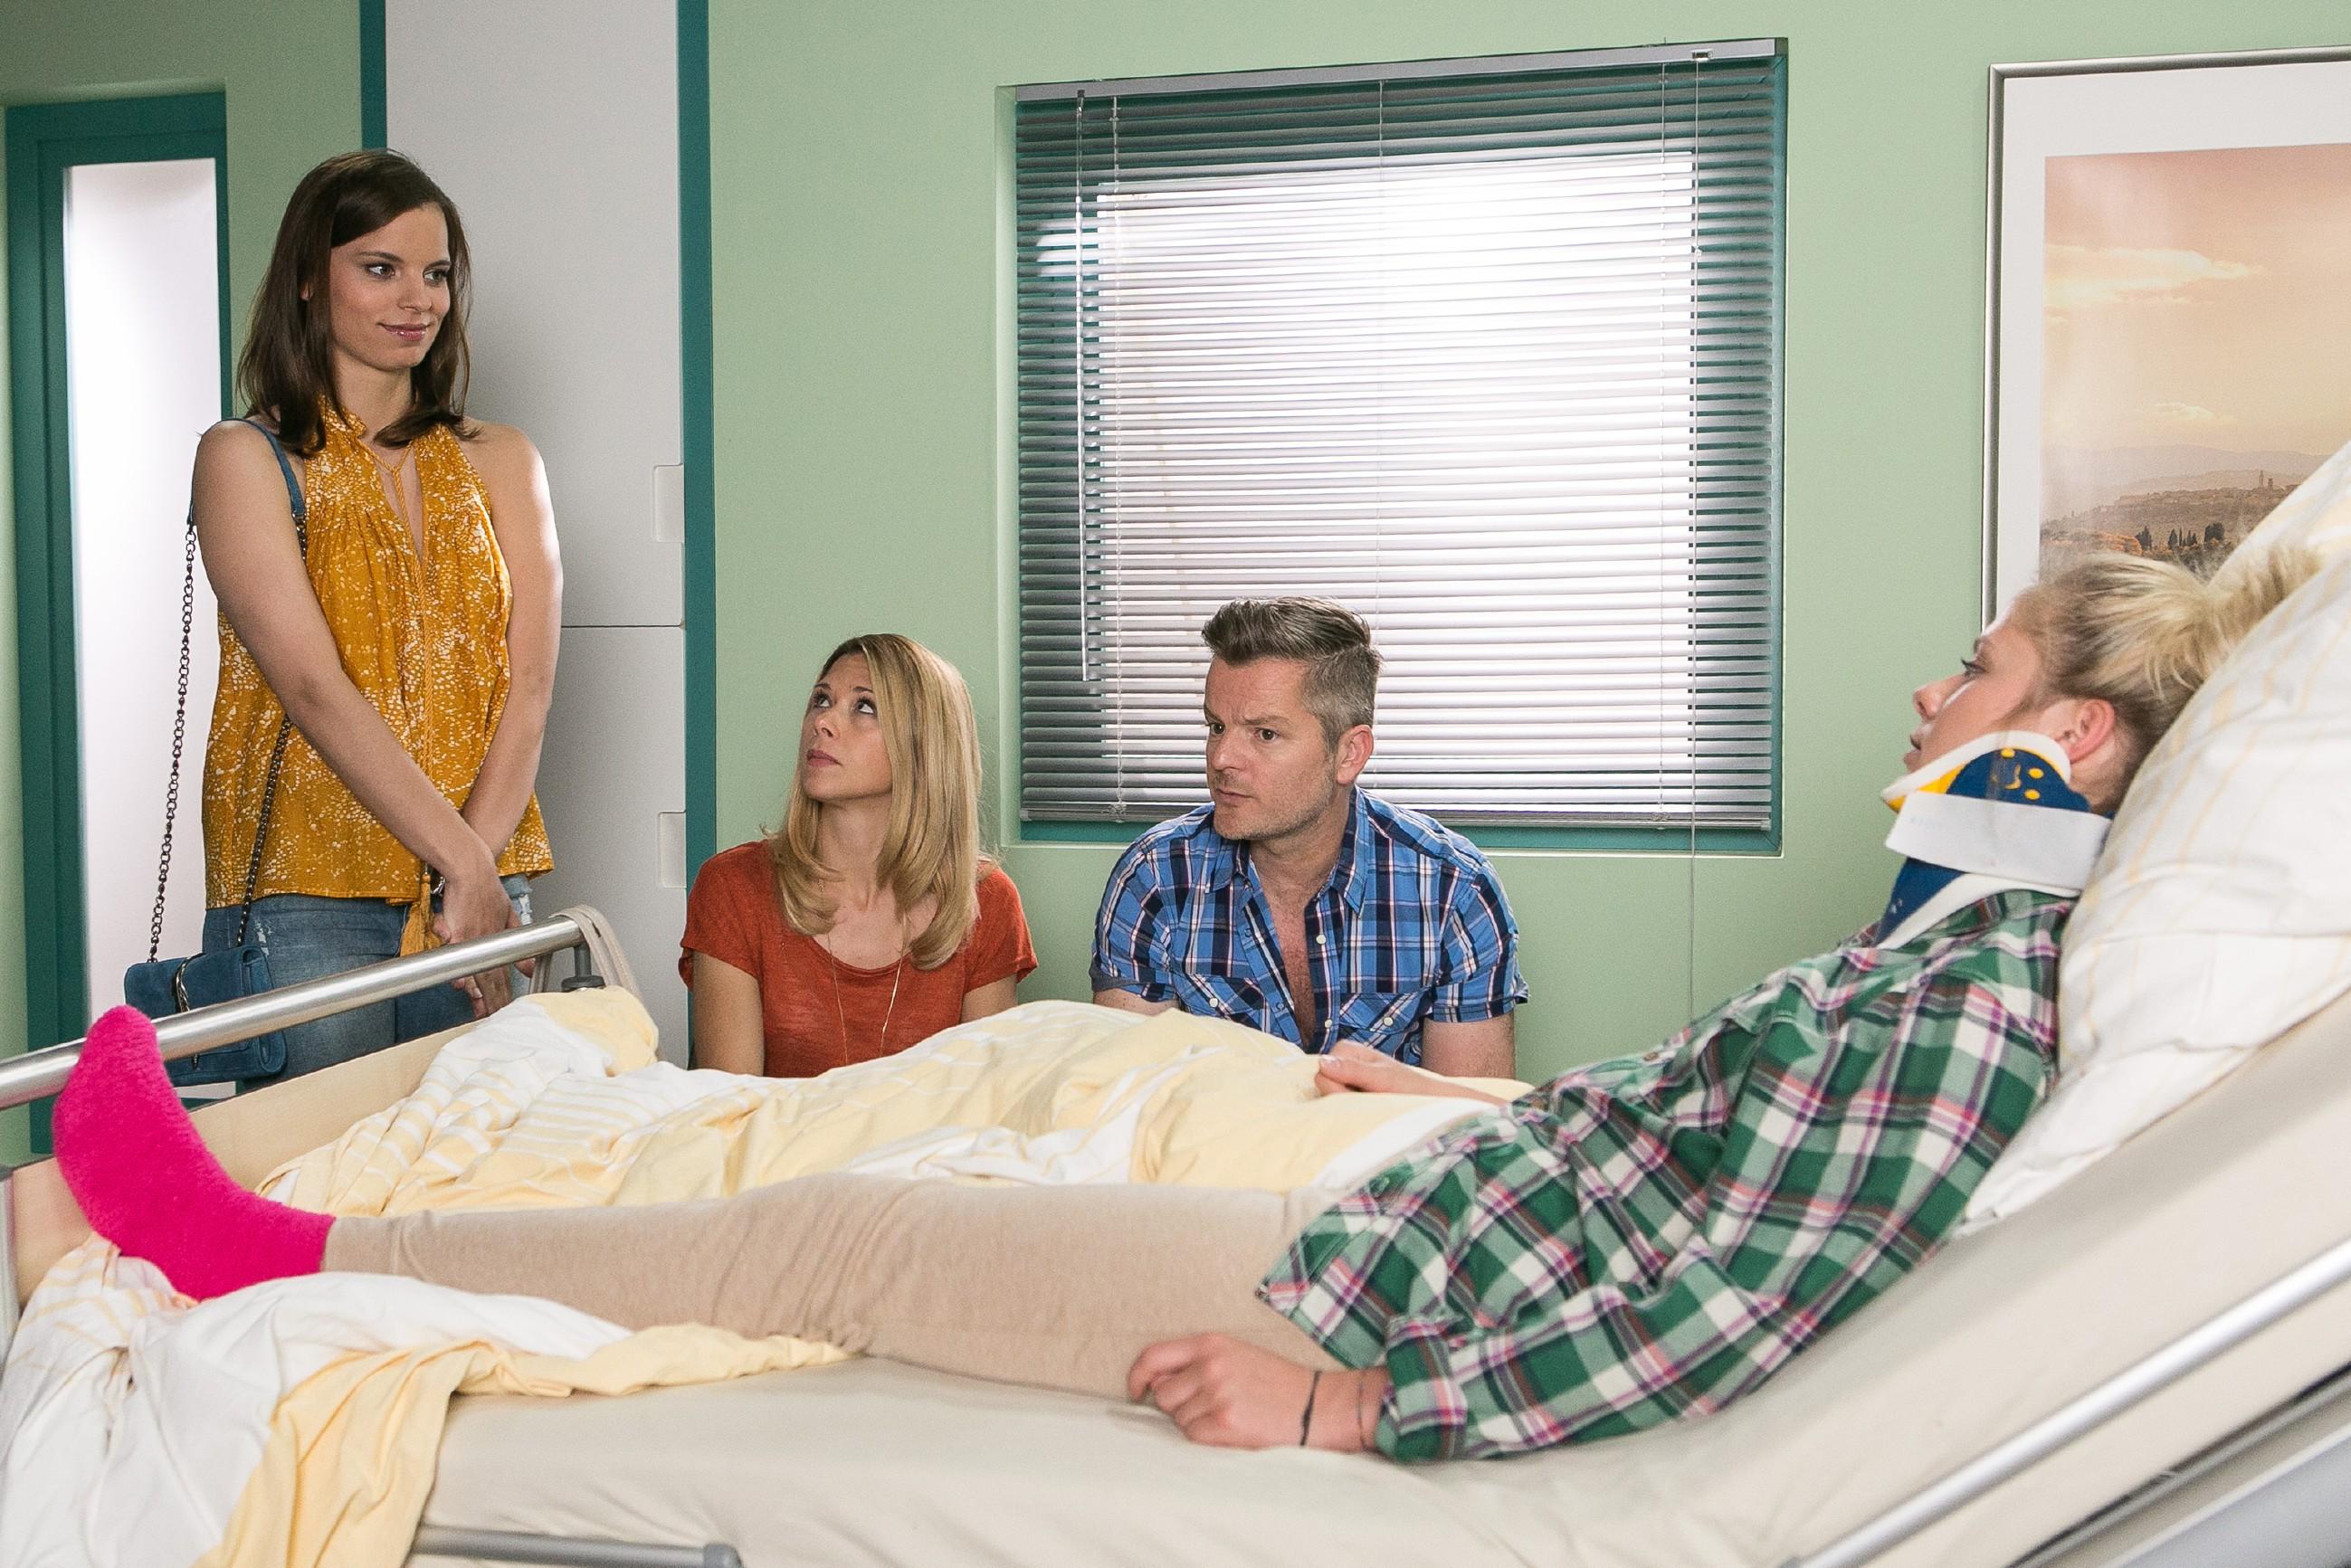 Diana (Tanja Szewczenko, 2.v.l.) und Ingo (André Dietz) versuchen Marie (Cheyenne Pahde, r.) im Krankenhaus weiter aufzubauen, als plötzliche Michelle (Franziska Benz) auftaucht, um sich bei Marie zu entschuldigen... (Quelle: RTL / Kai Schulz)